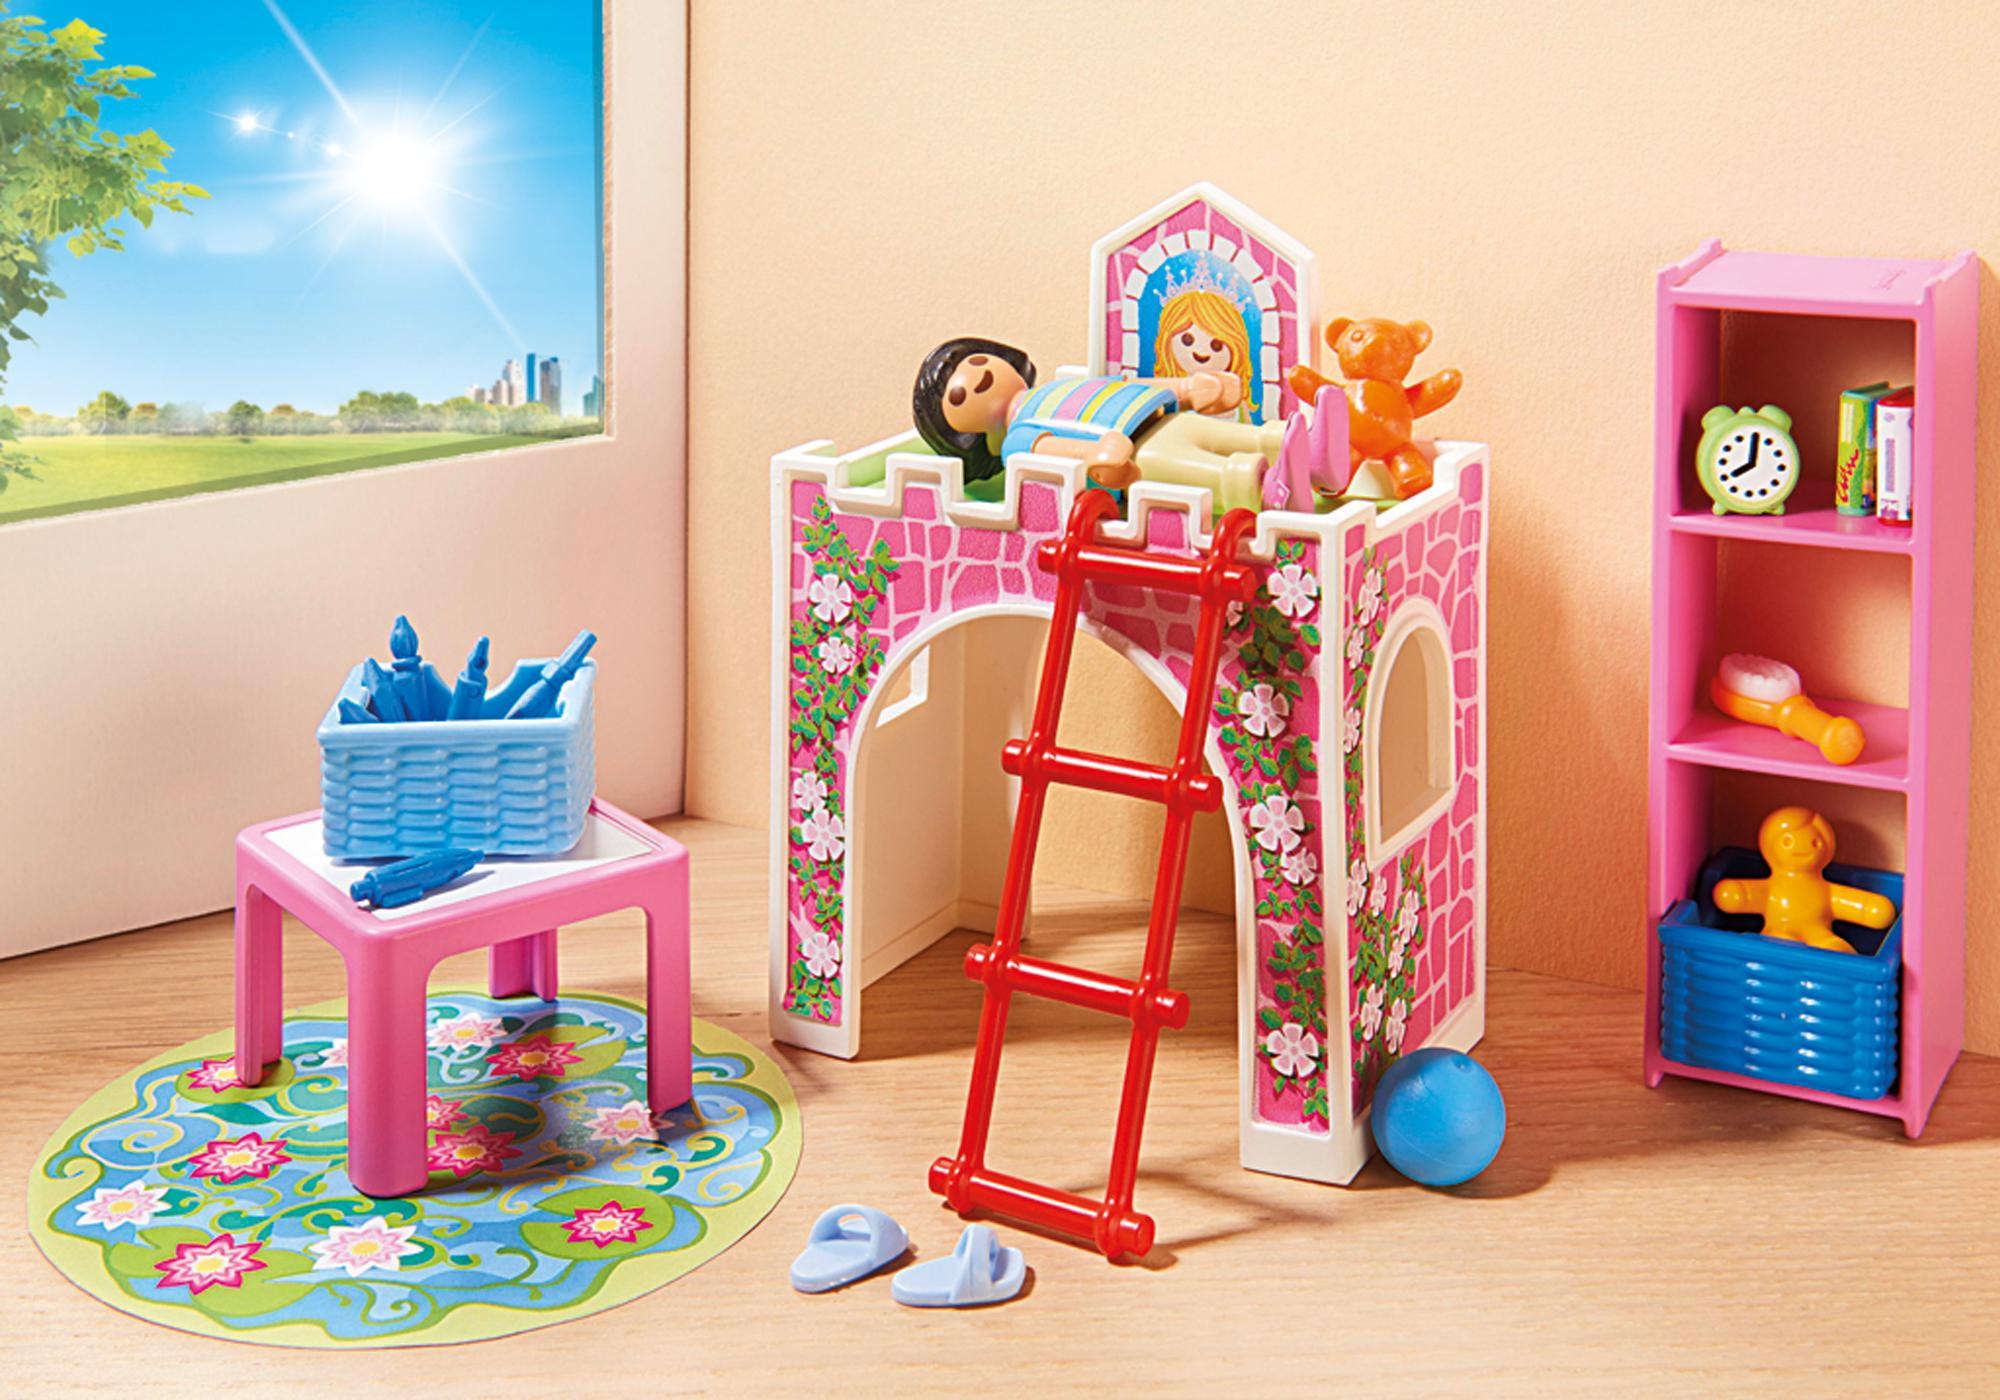 http://media.playmobil.com/i/playmobil/9270_product_extra1/Quarto Infantil